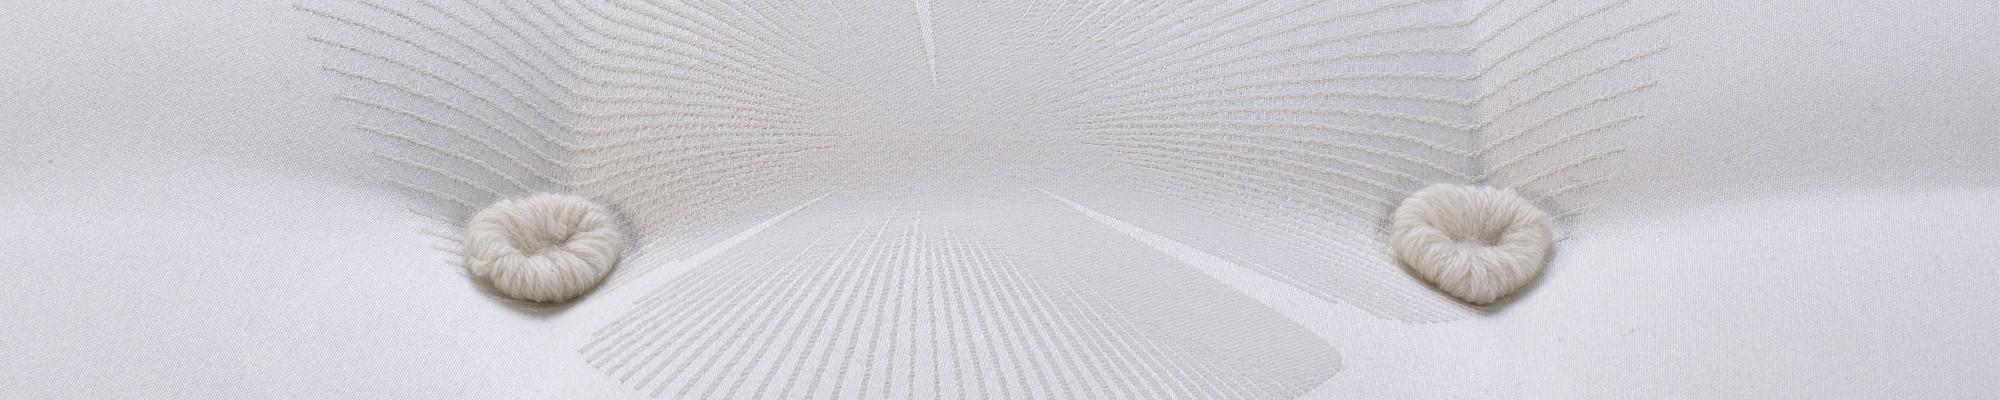 Imagen Detalle - Quercus® Soft